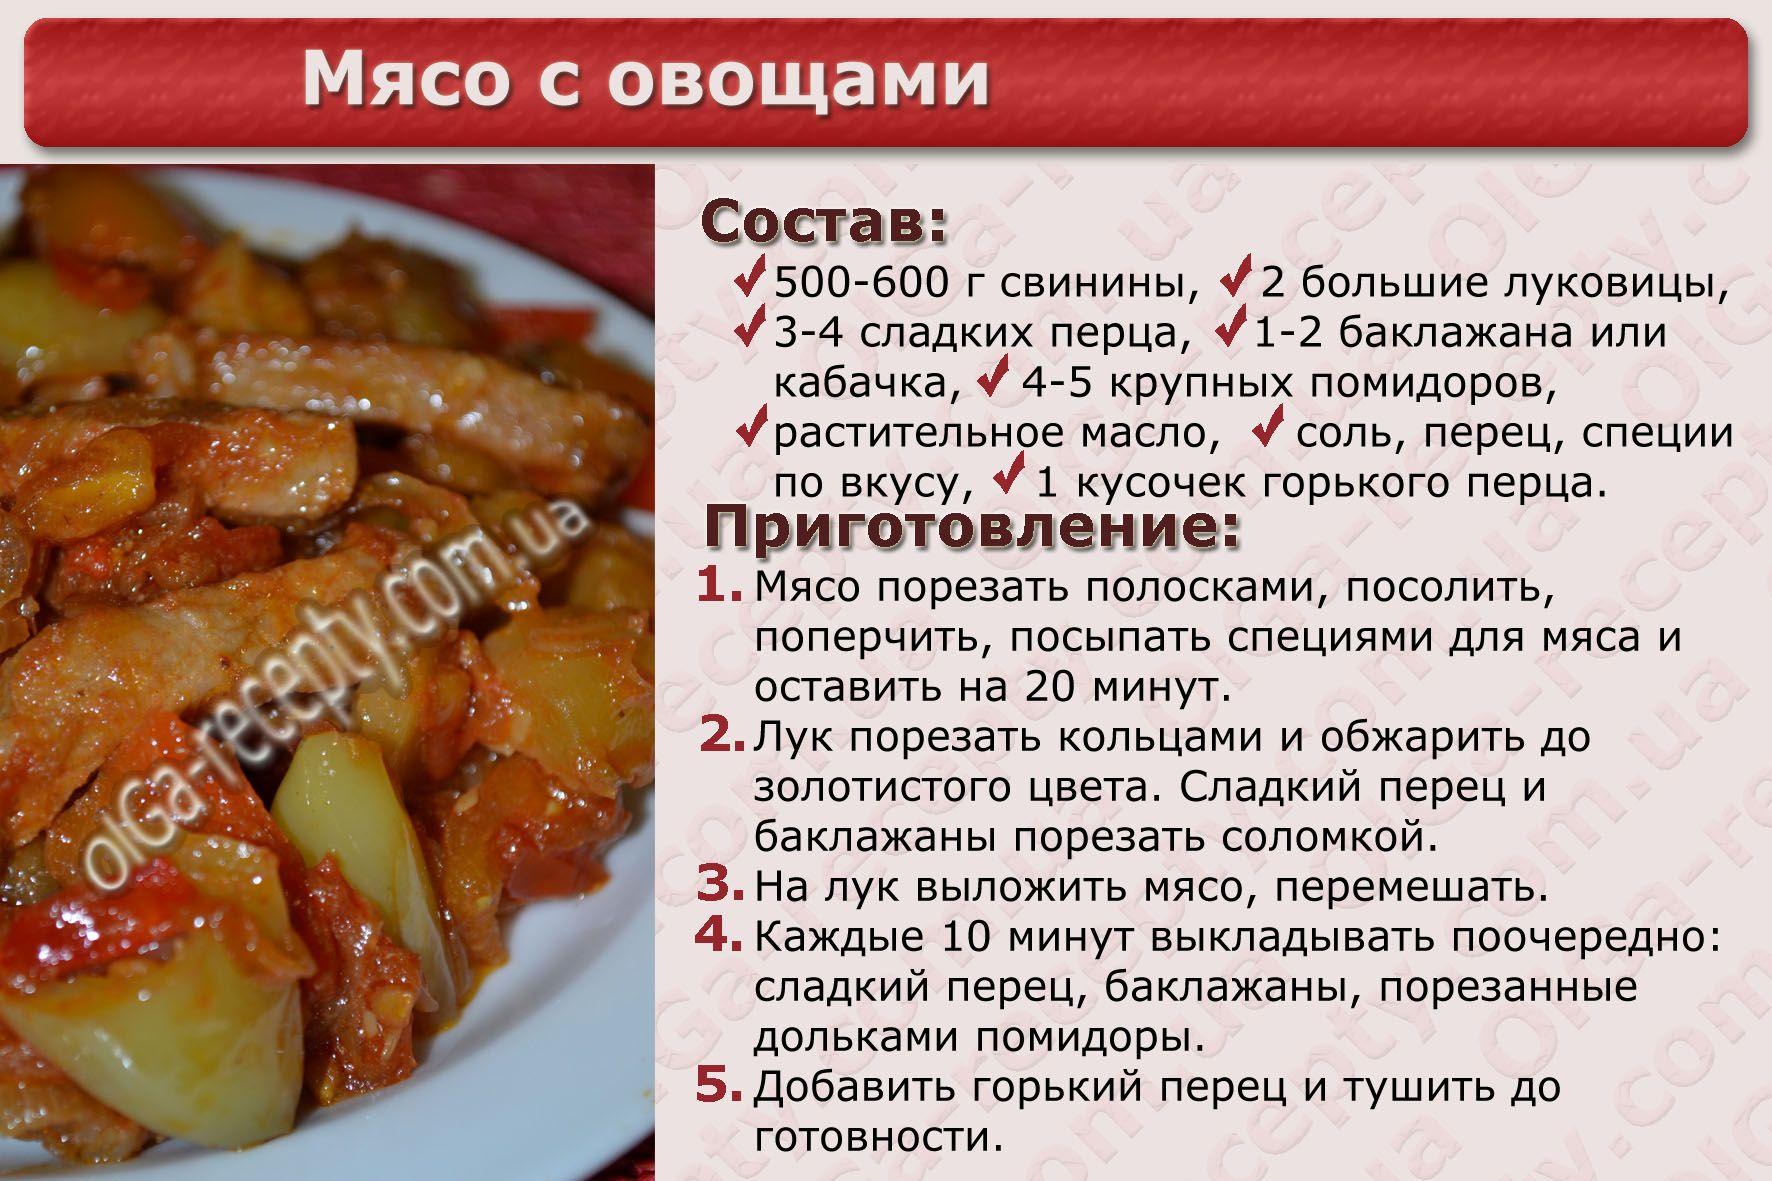 нас рецепт мясного блюда с картинками это совсем новый